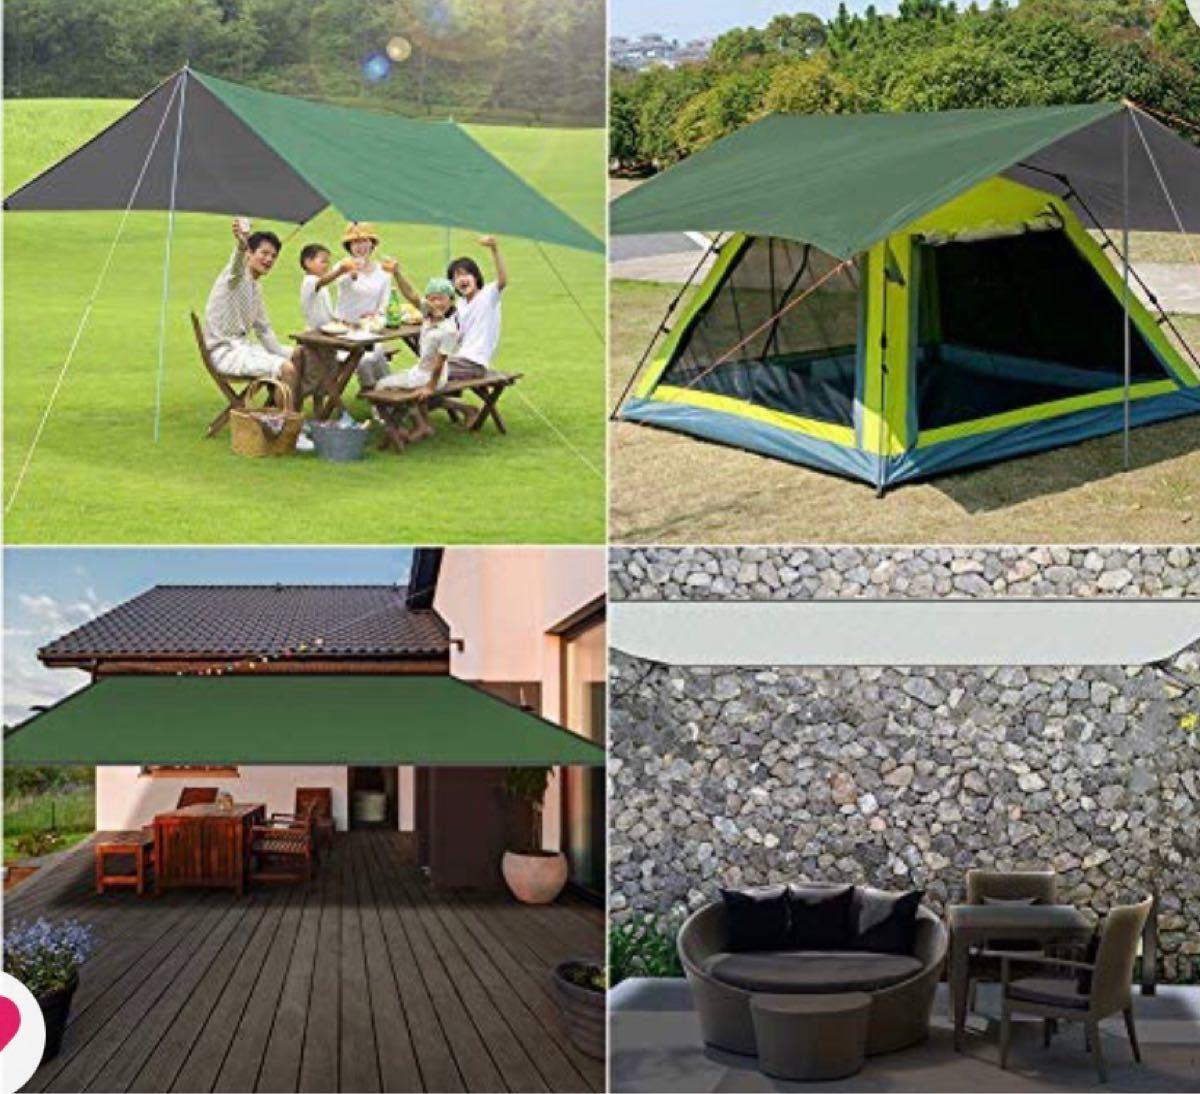 防水タープ タープテント サイドシート 軽量 高耐水加工 紫外線カット 遮熱 屋外 キャンプ